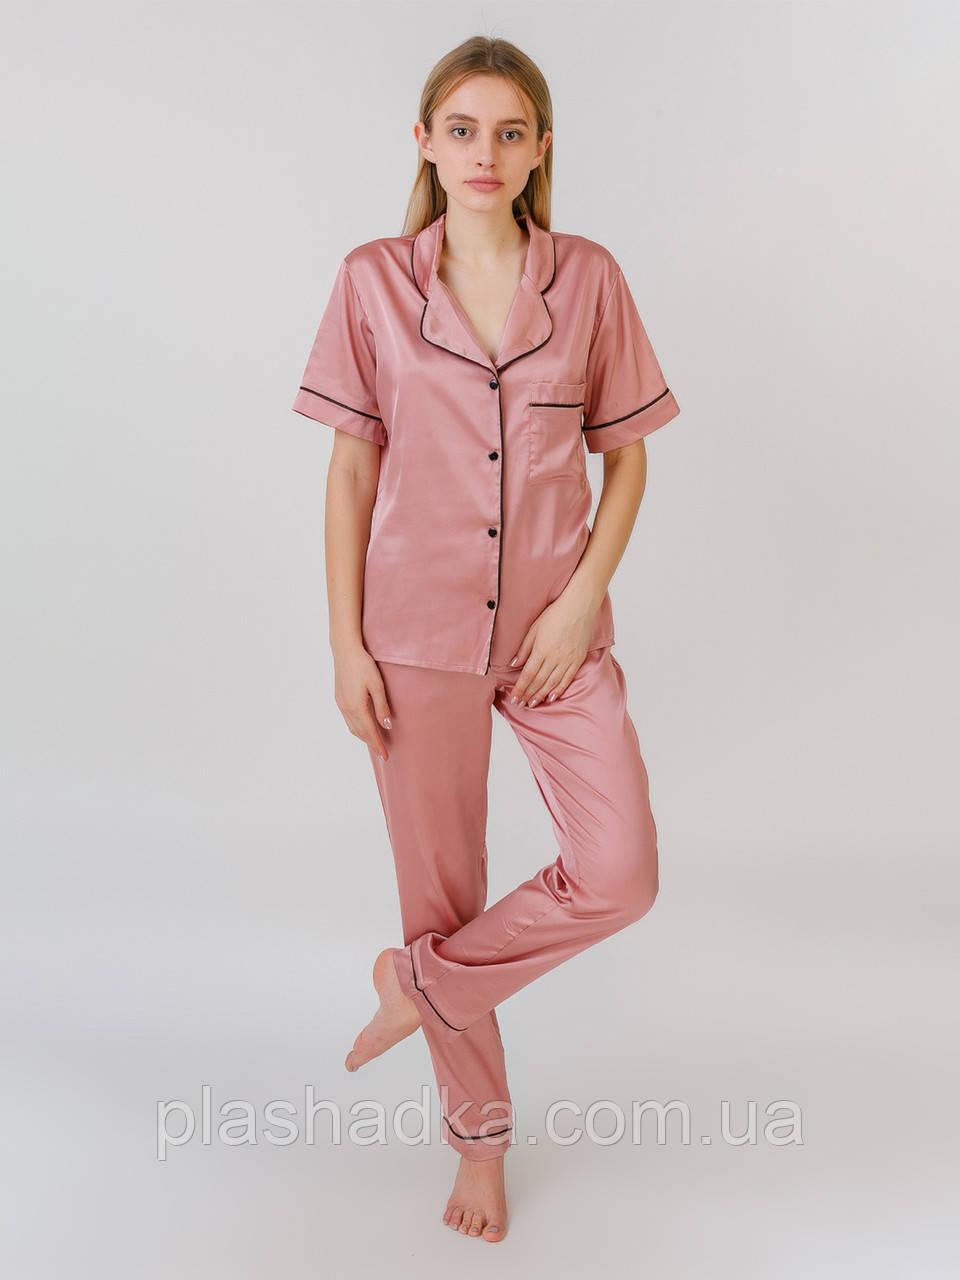 Serenade 1514 піжама шовк армані рожева Serenade (M)